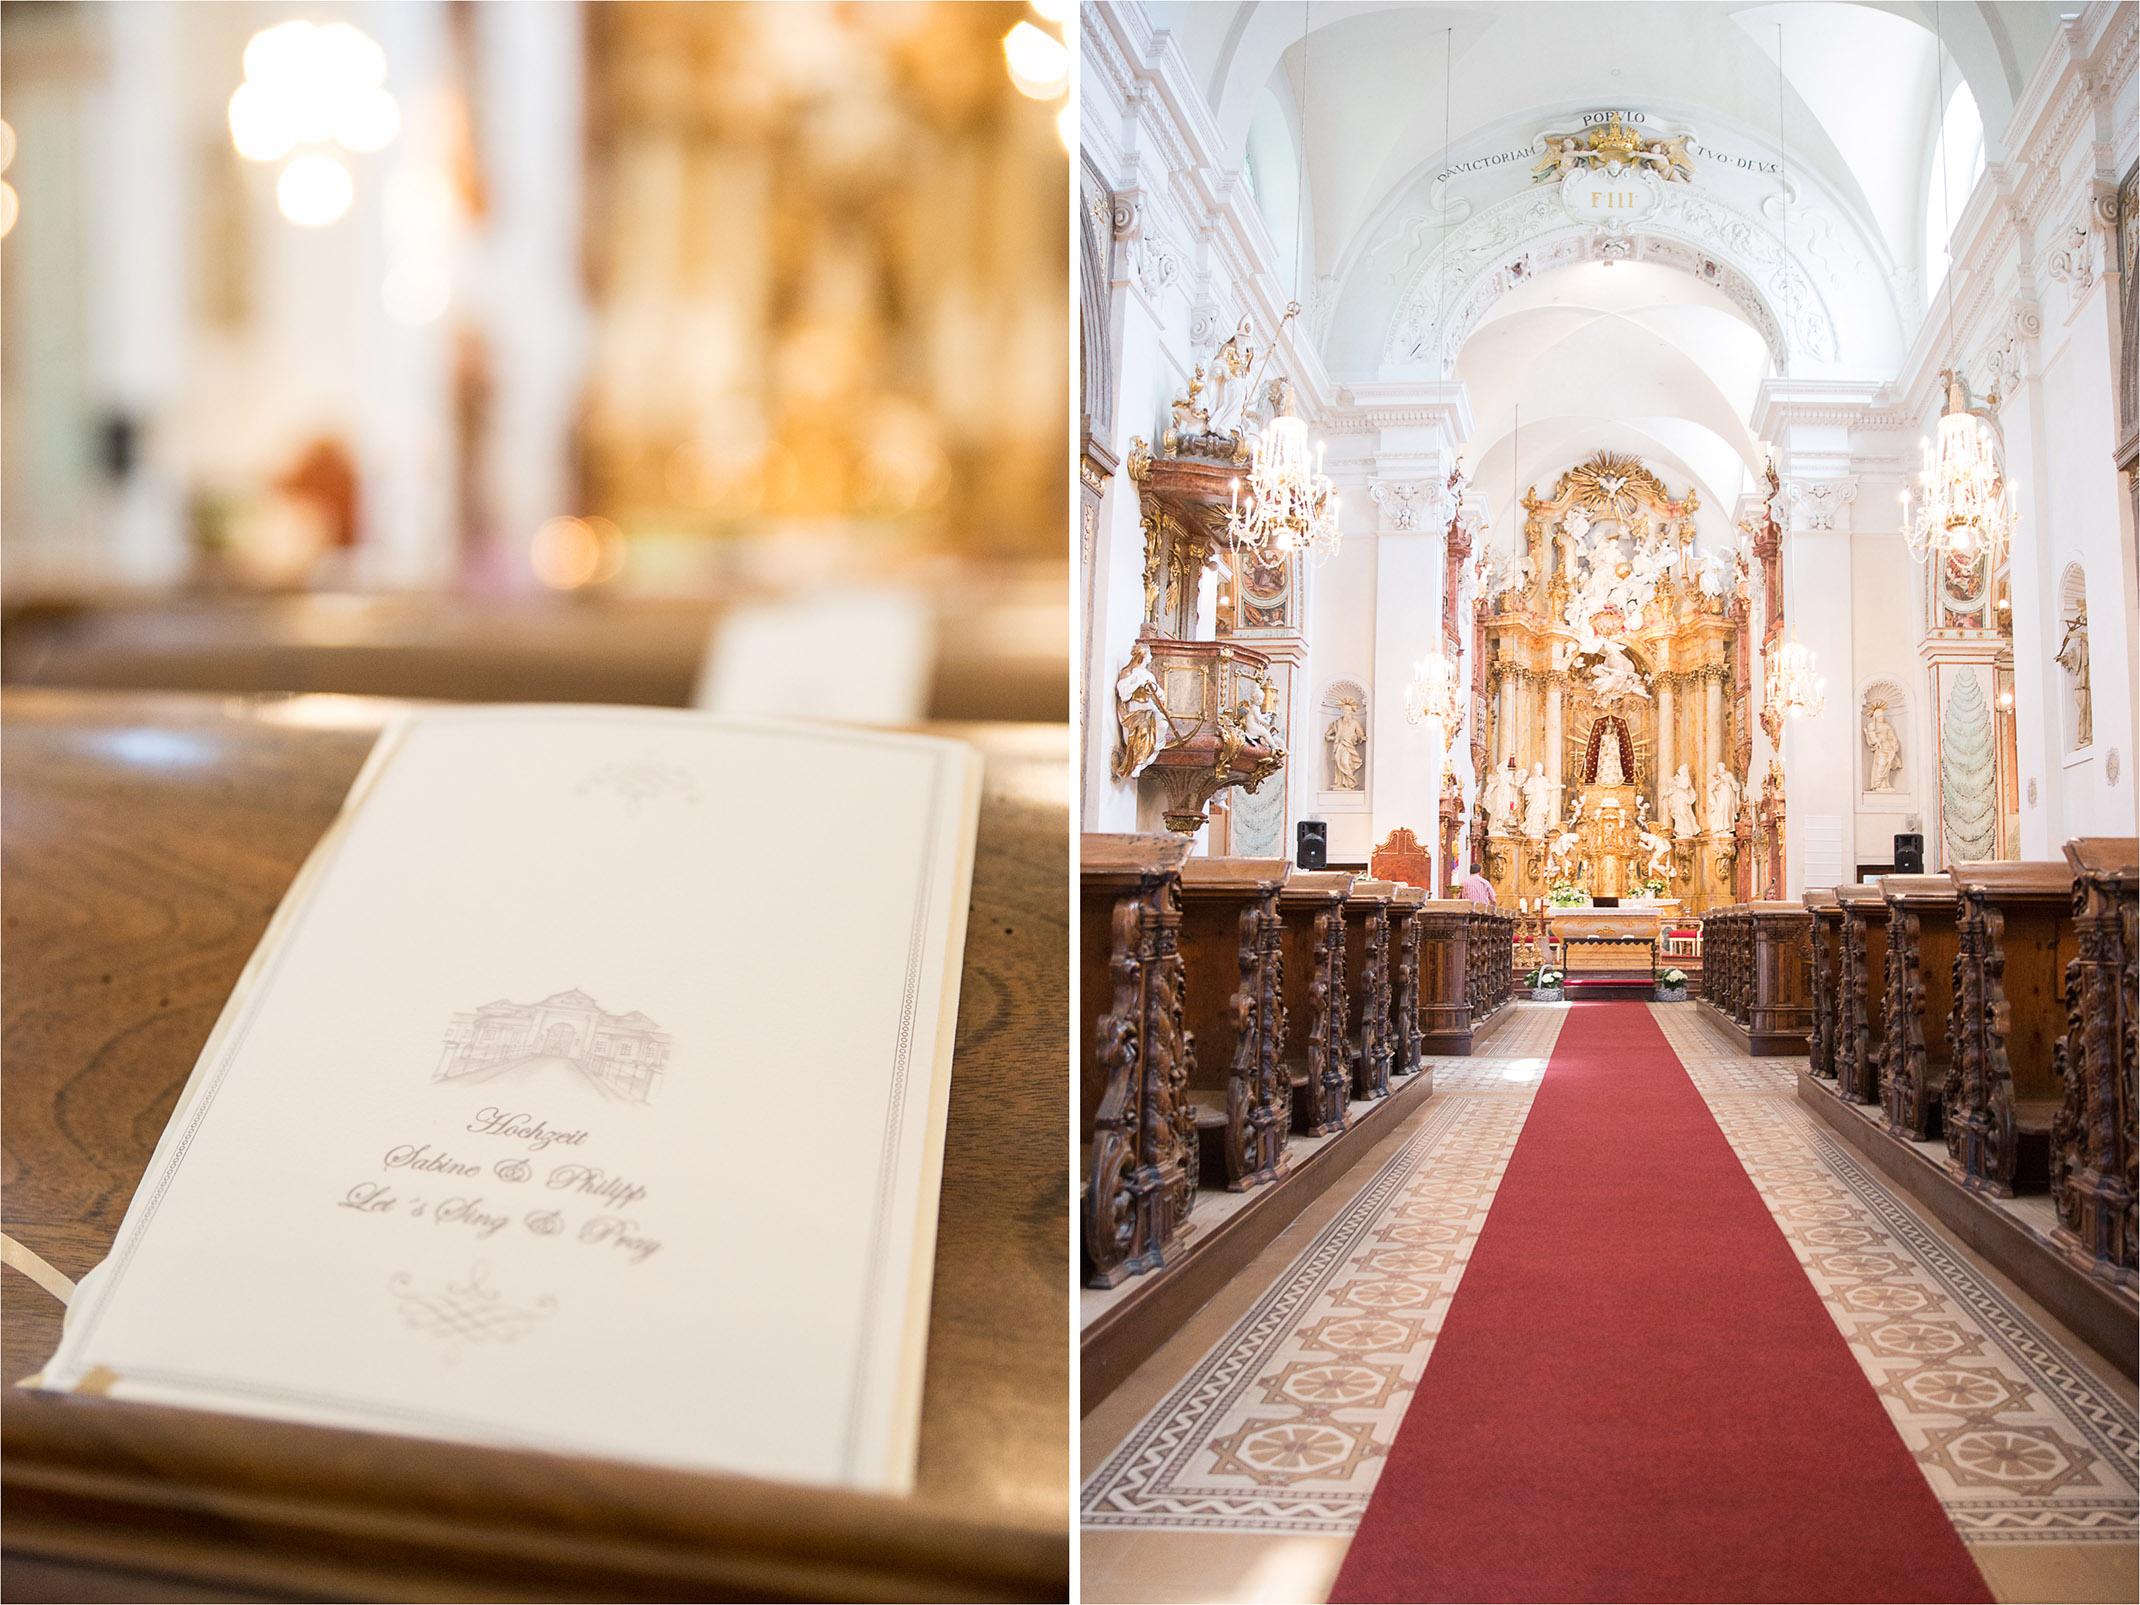 www.dieElfe.com_Hochzeitsfotograf_Schloss_Laudon_Kirche_Maria_Brunn_wedding_photography-20